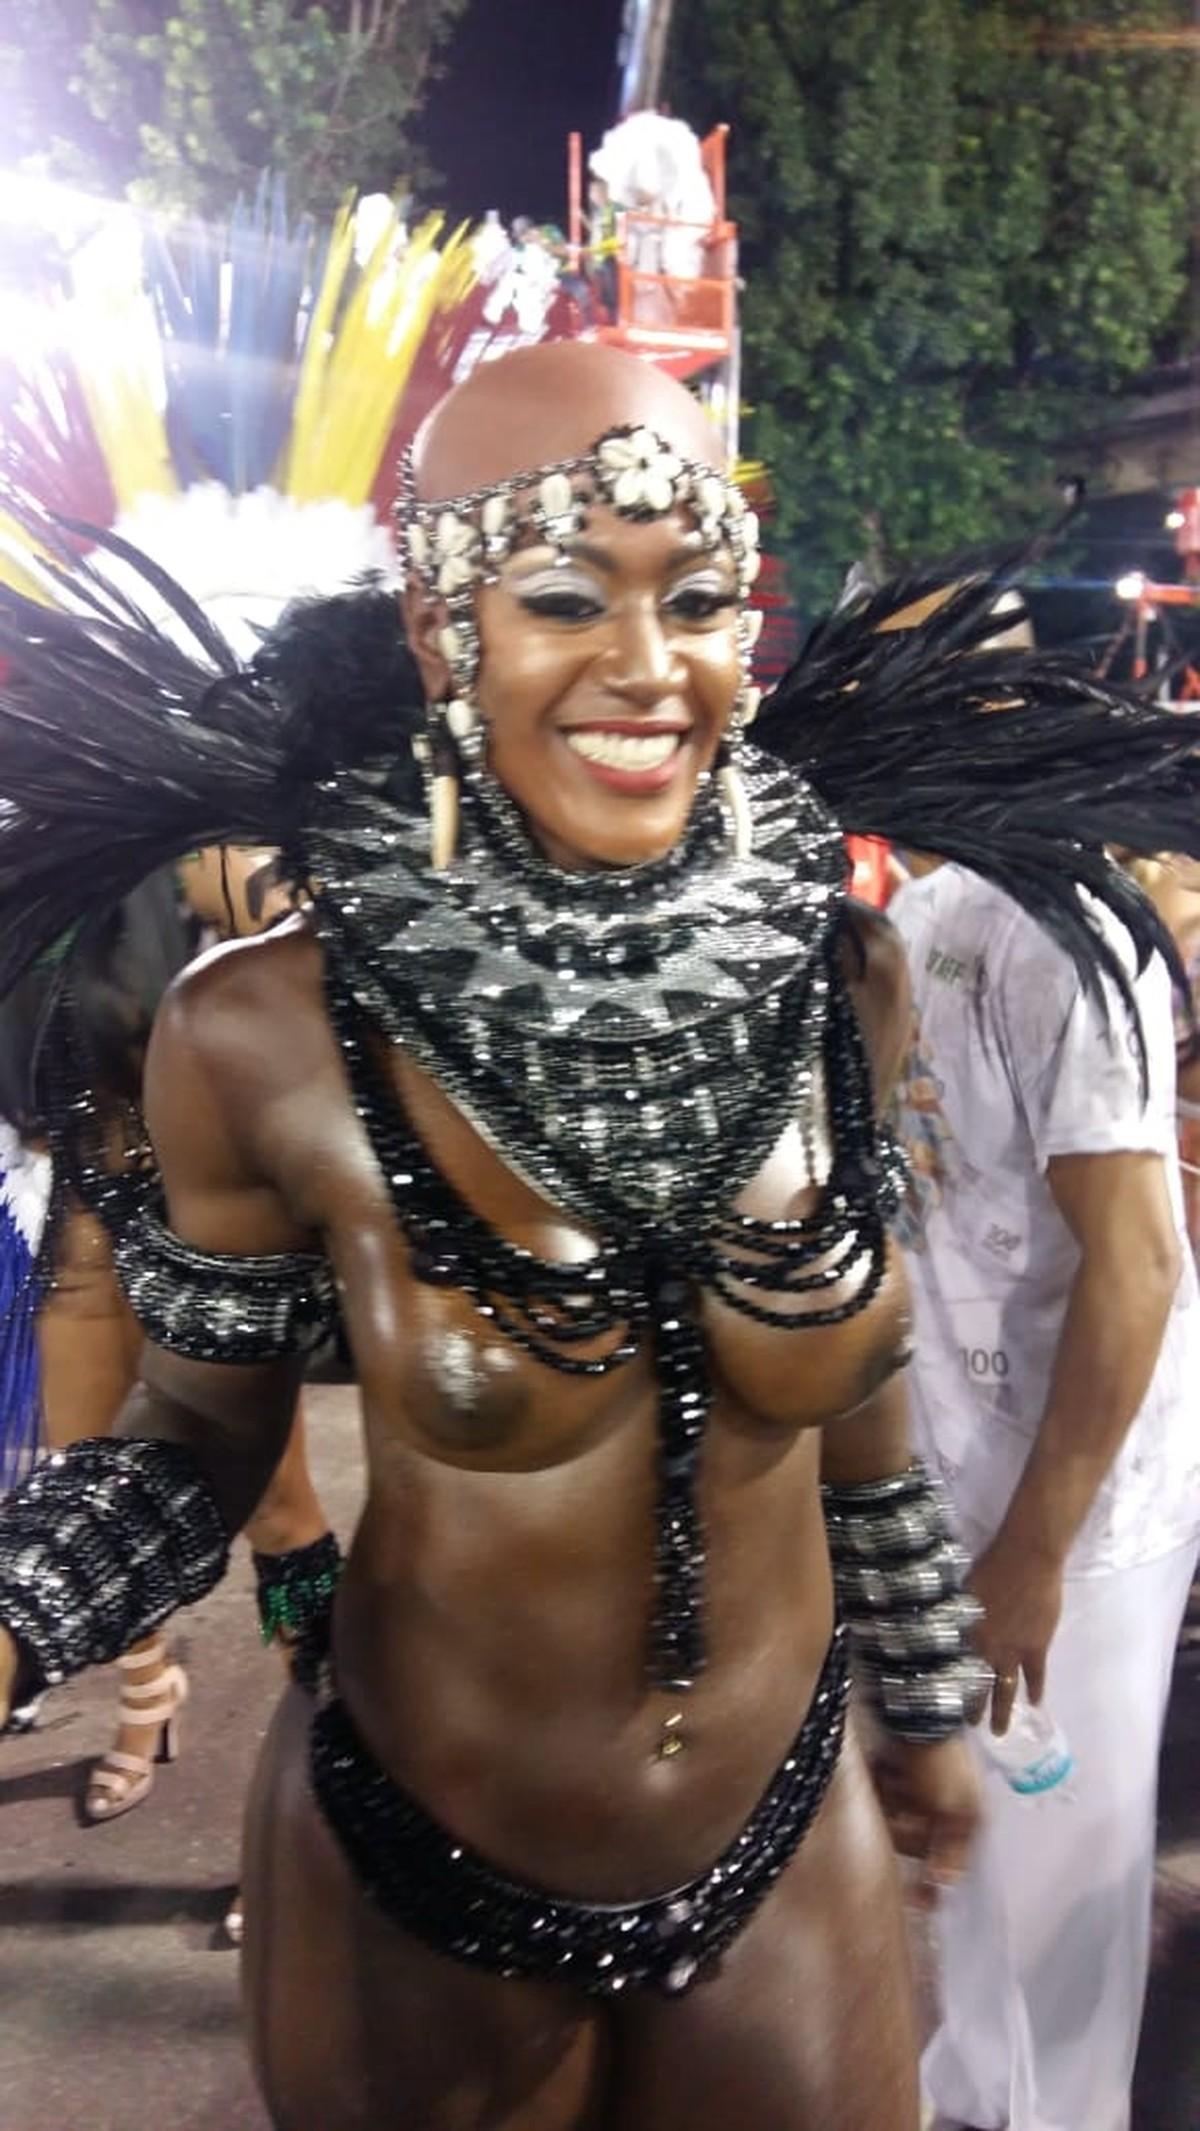 Quem foi a musa do carnaval carioca? Vote na sua favorita